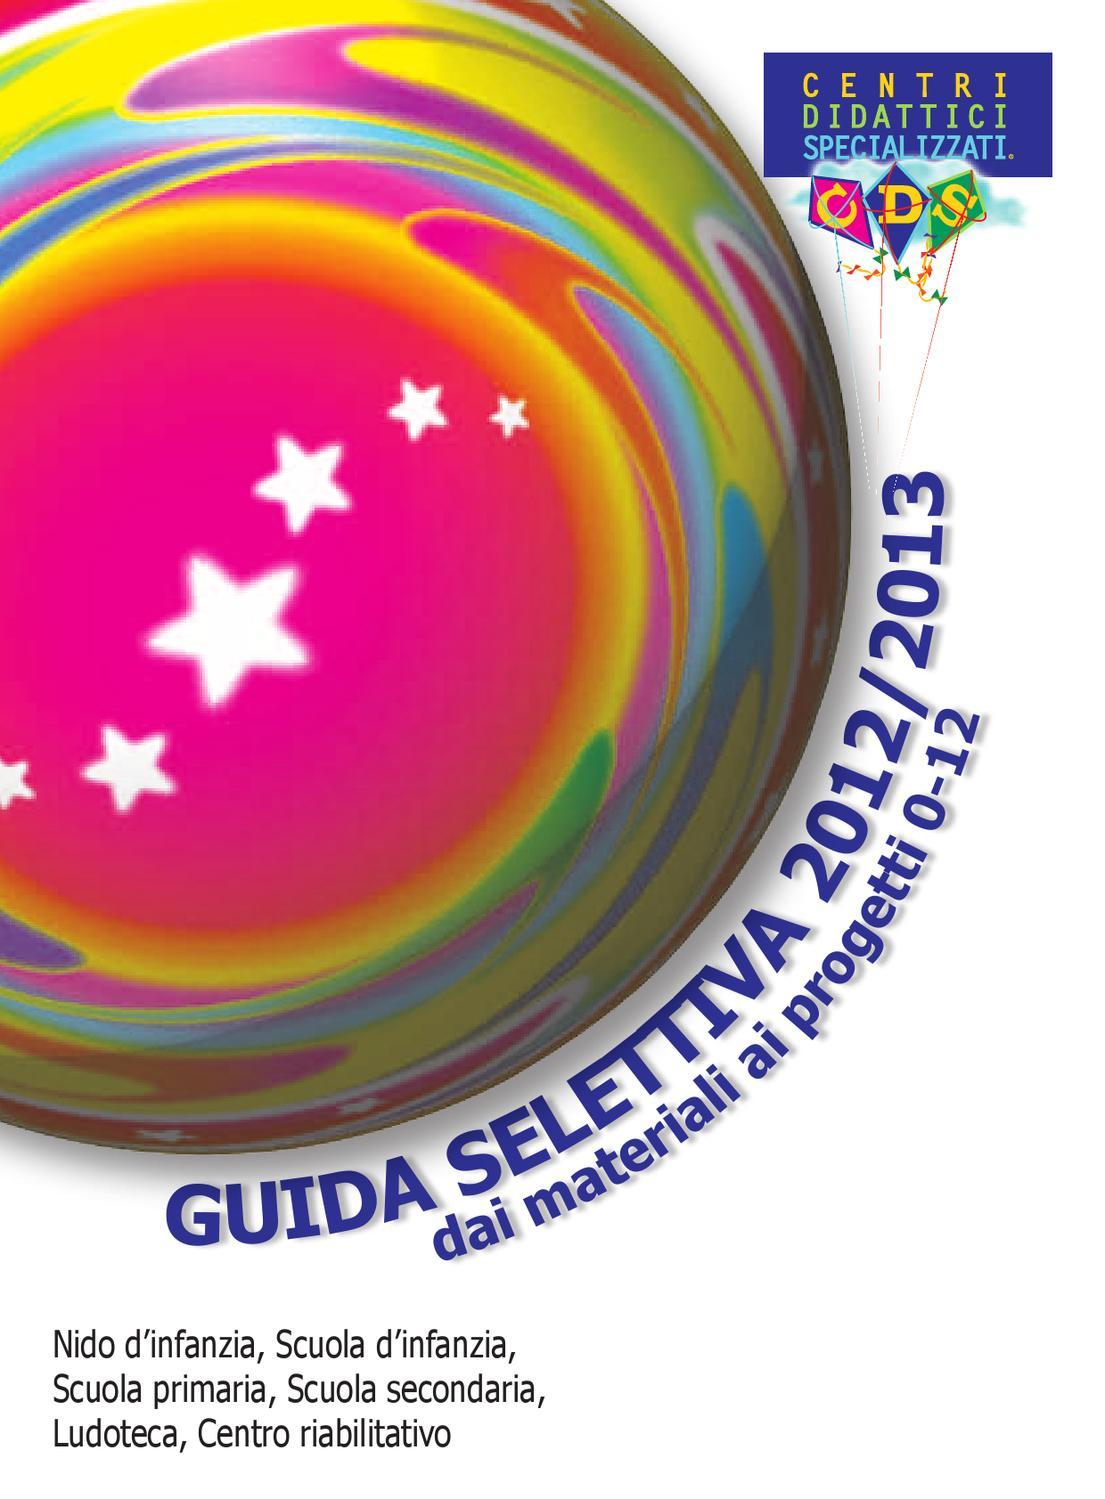 Guida Selettiva 2012 2013 By Giampaolo Piomboni Issuu